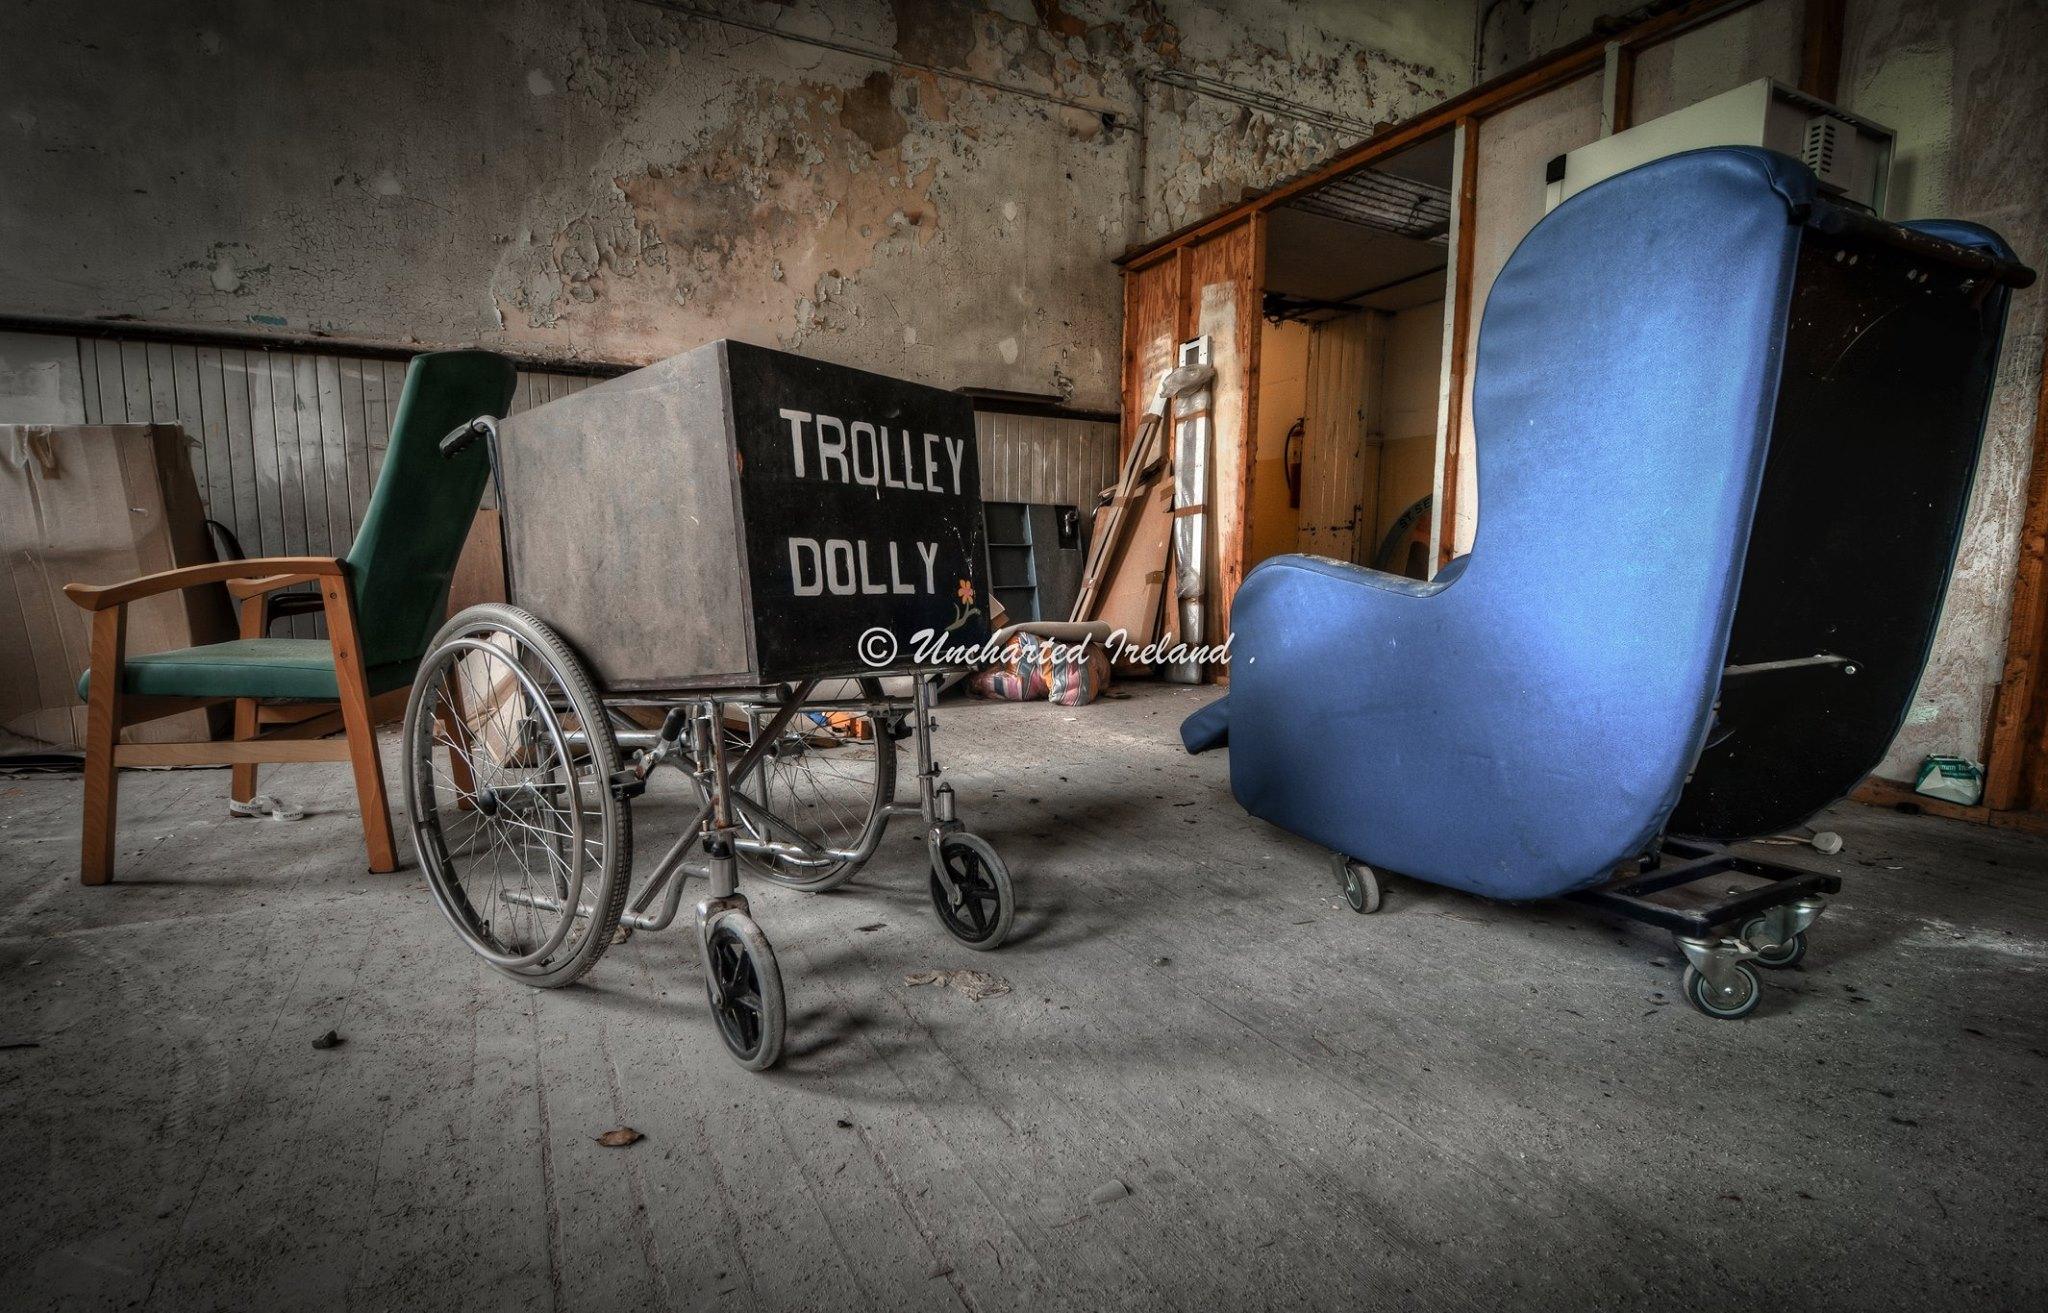 trolley-dolly